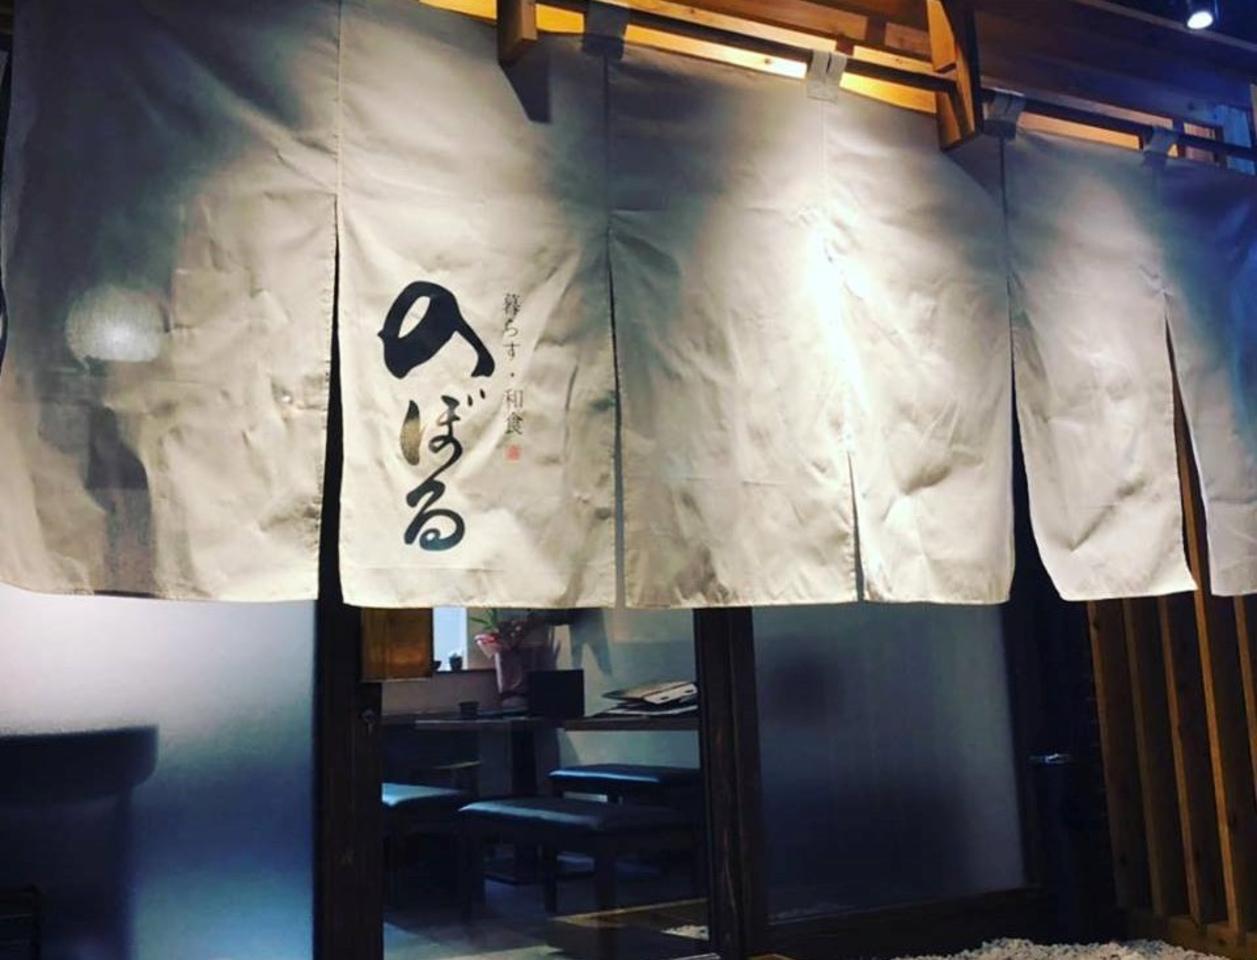 群馬県高崎市通町に「暮らす和食 のぼる」が昨日オープンされたようです。